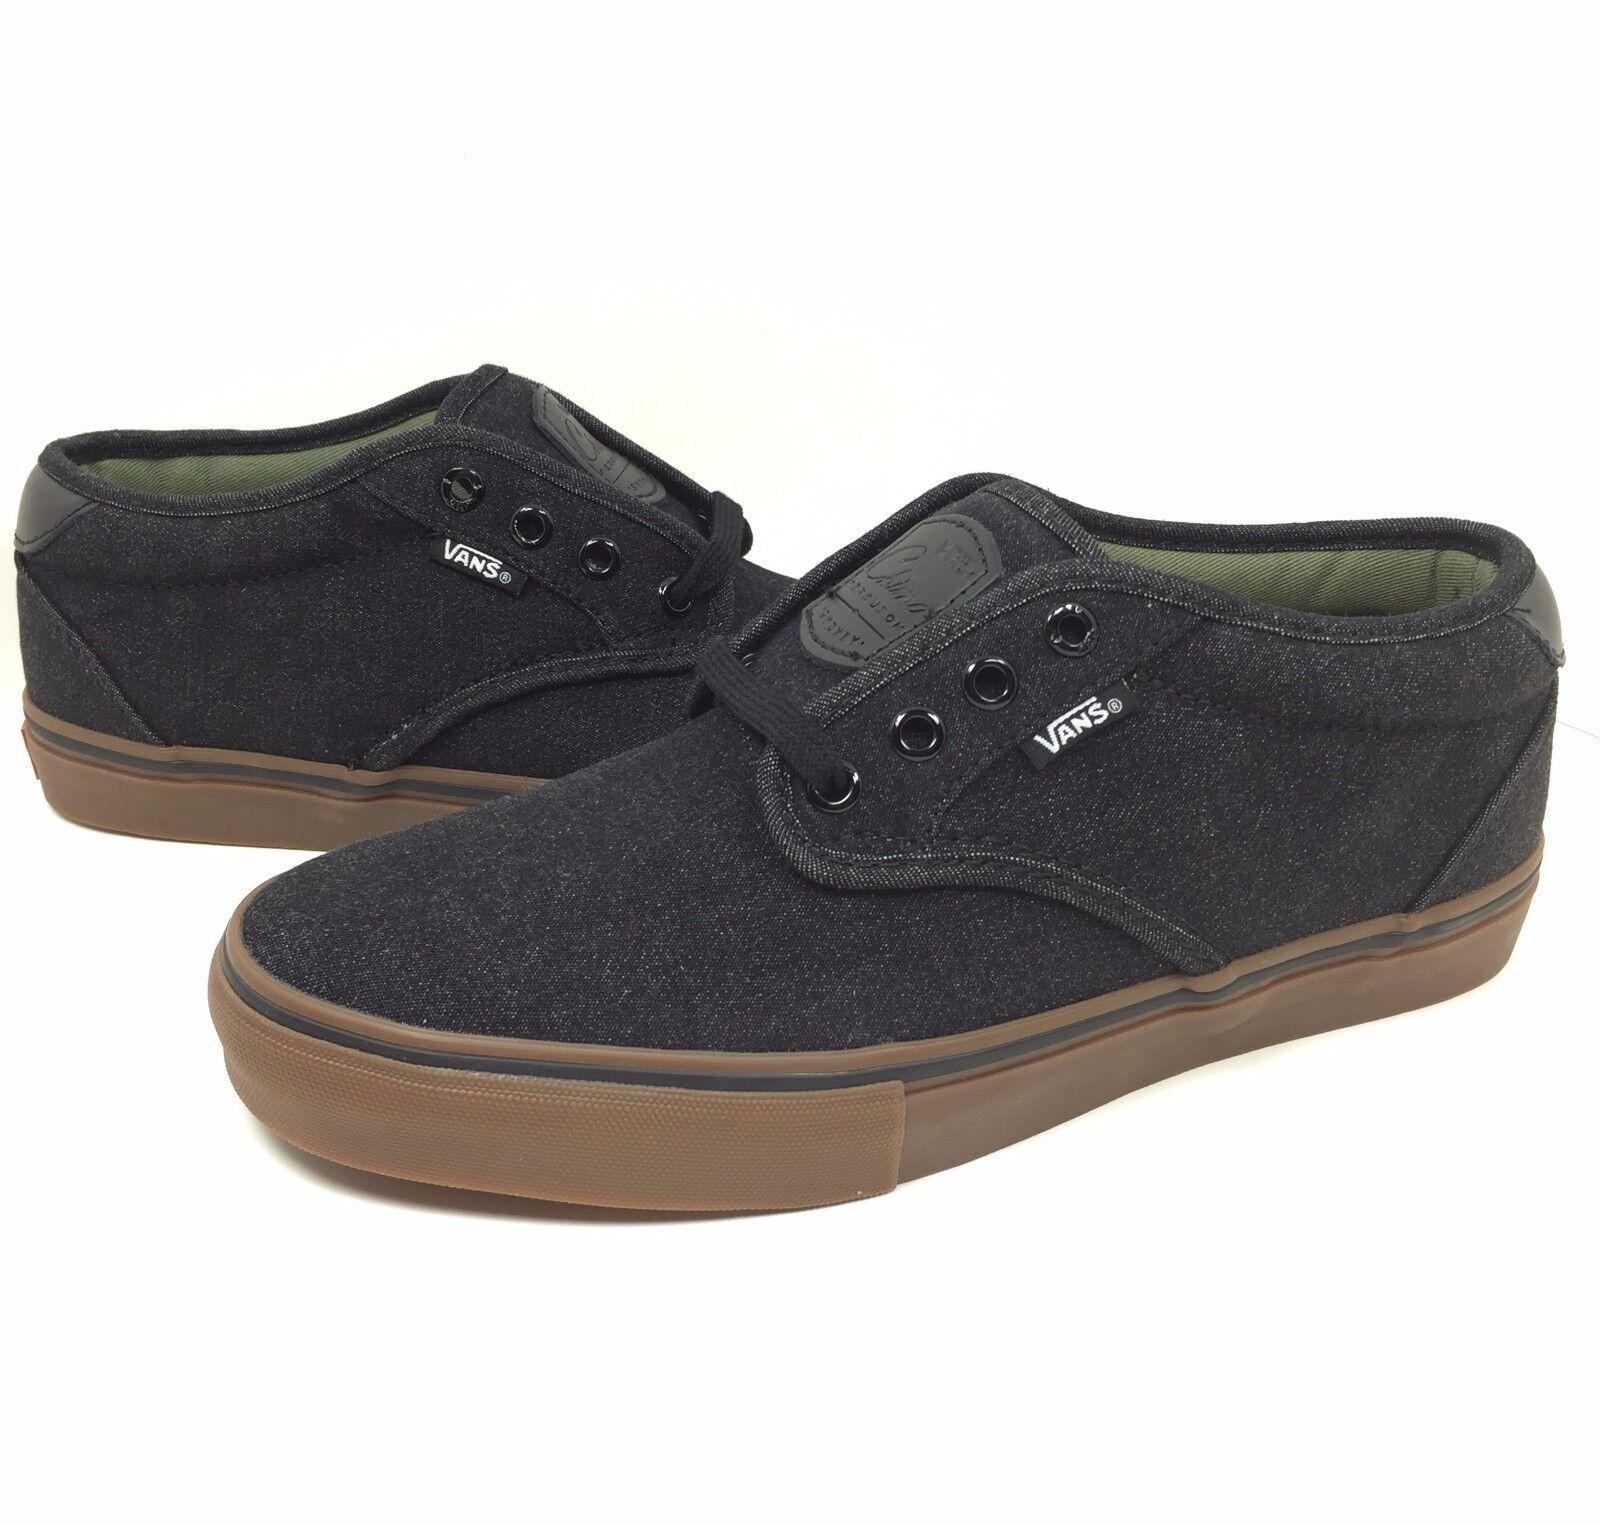 New Vans Chima Estate Pro Black Size 7.5 Men Denim Black Pro Gum Sole Canvas Skate Shoe d59998